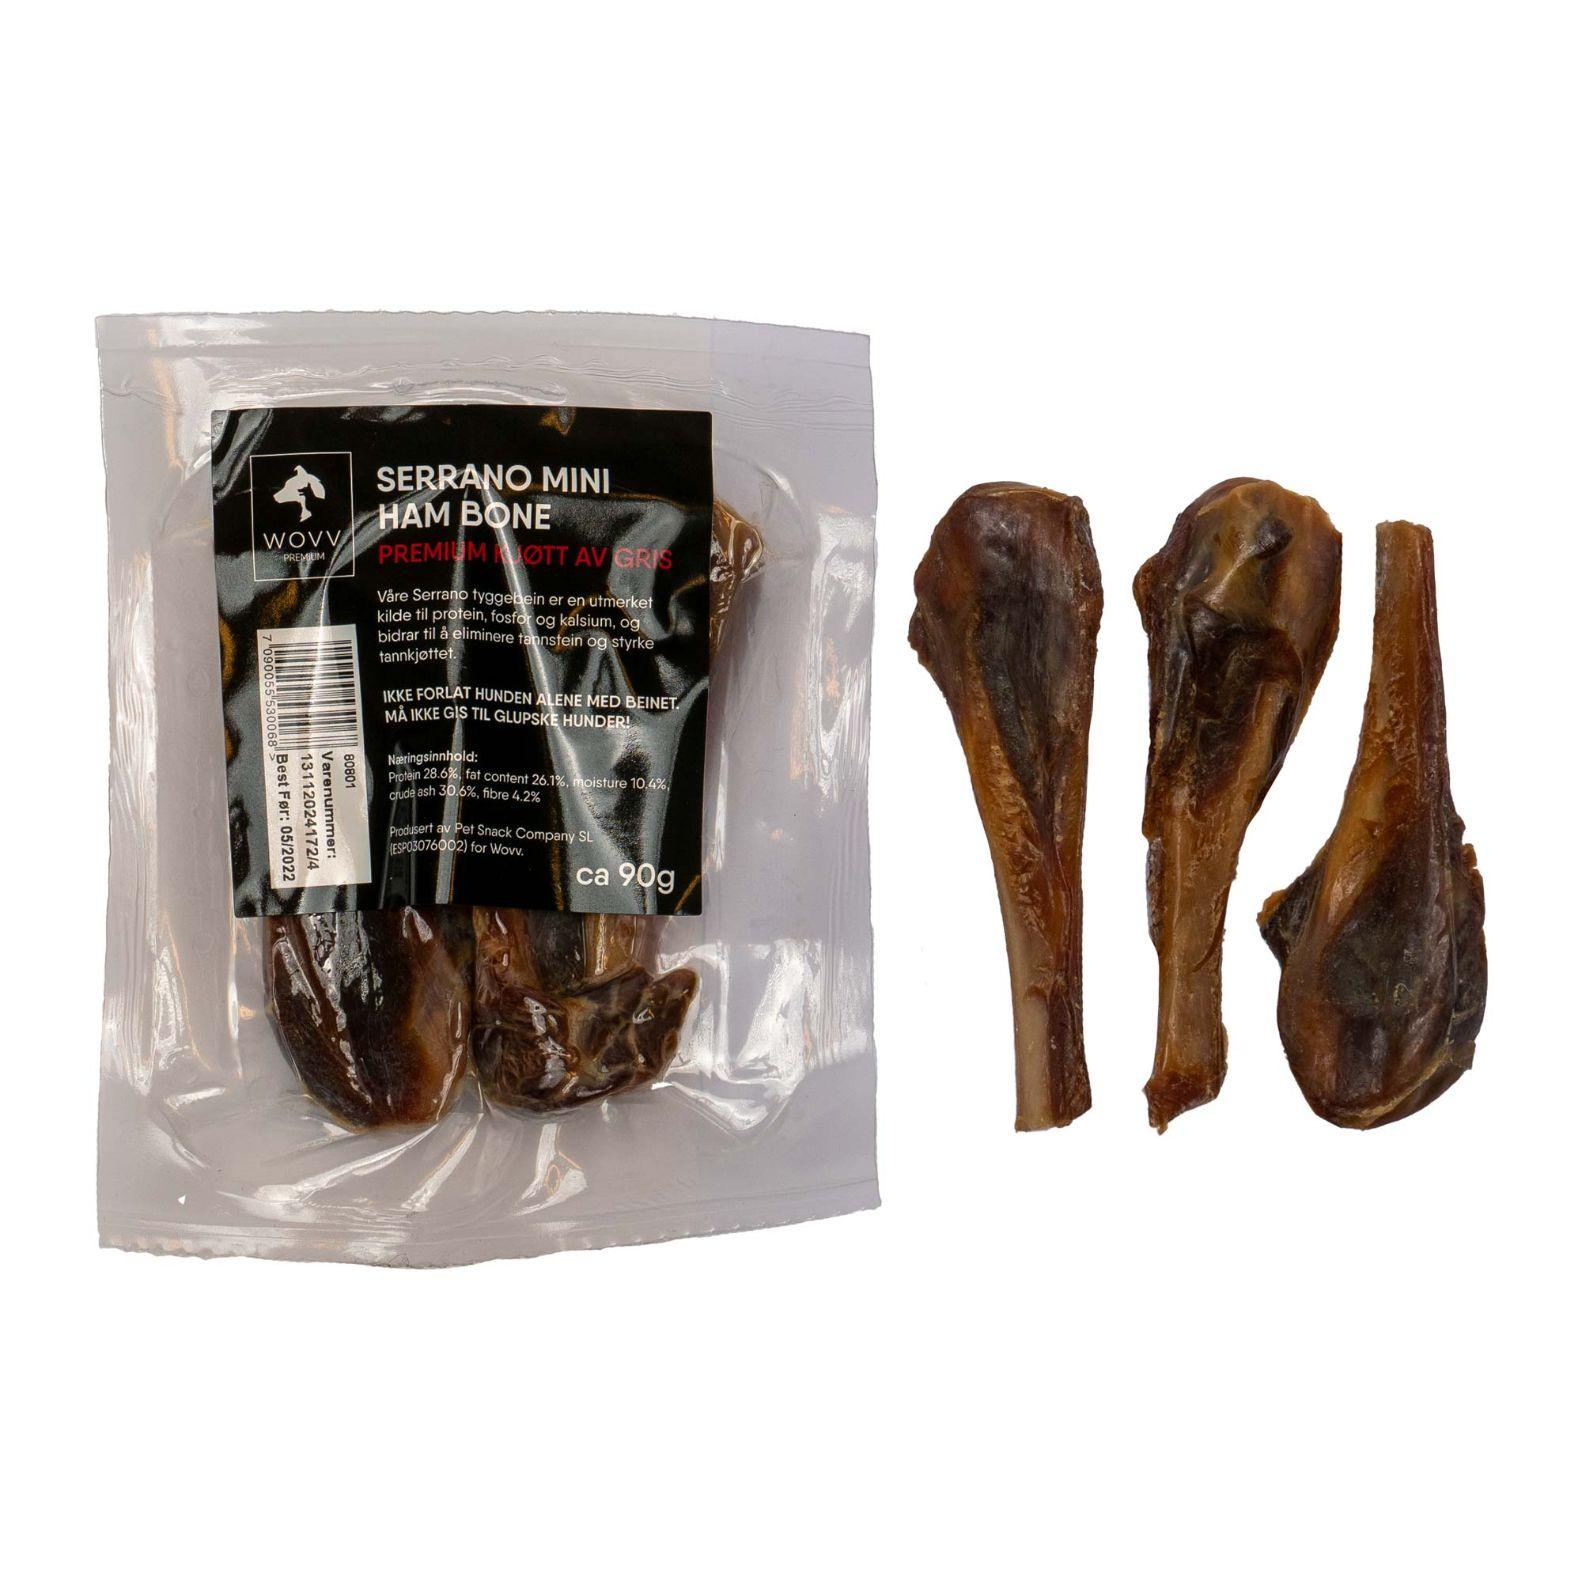 Wovv serrano mini ham bone